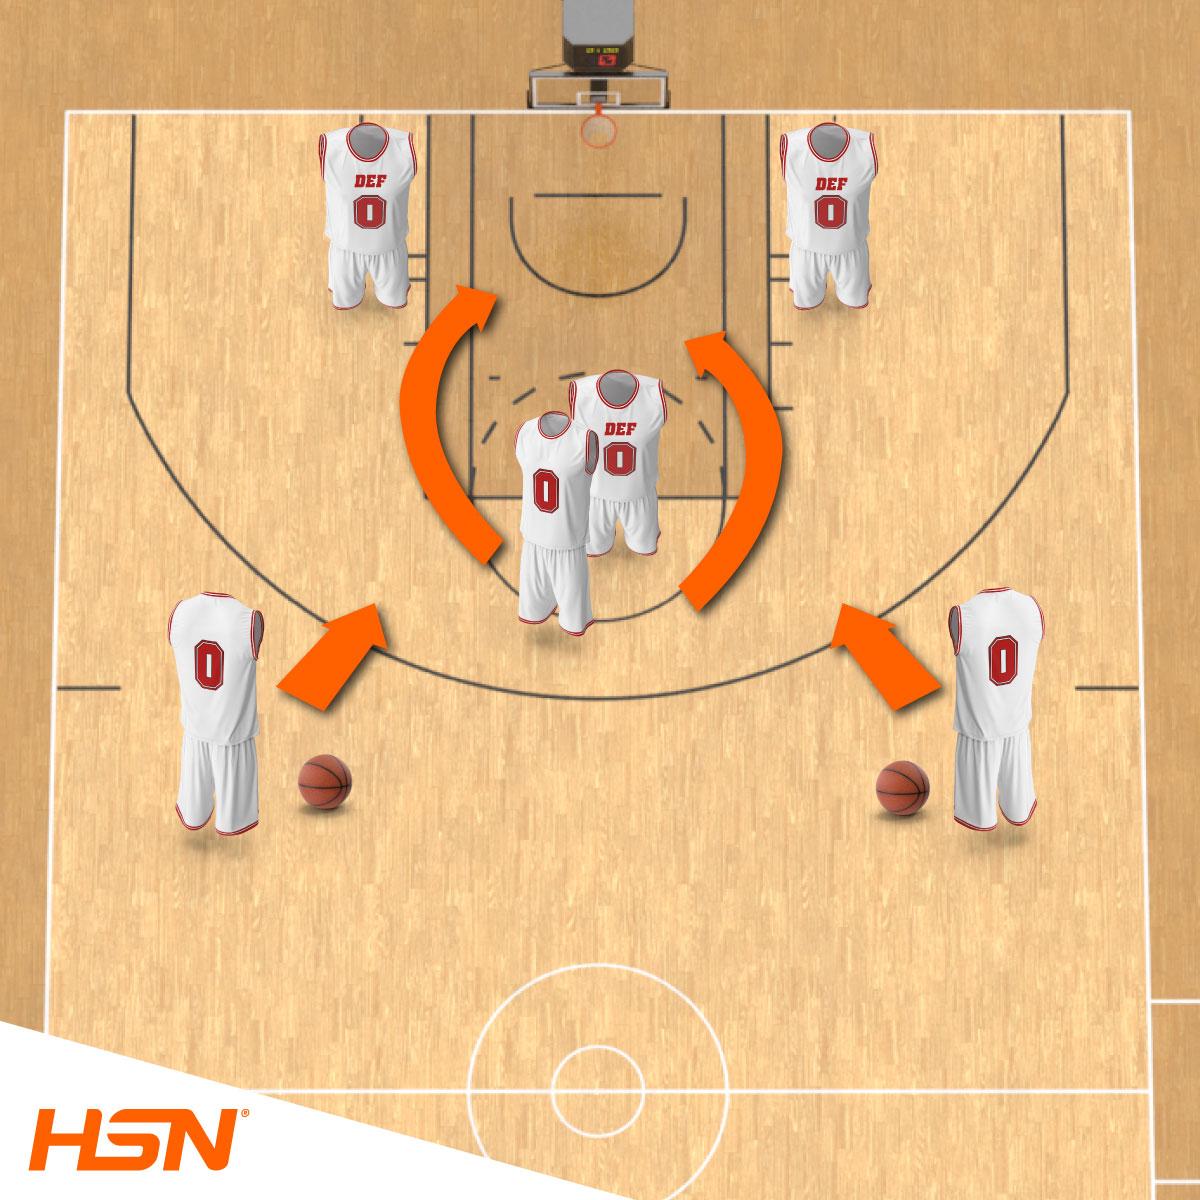 Ejercicio para Entrenamiento Funcional Pívots Baloncesto